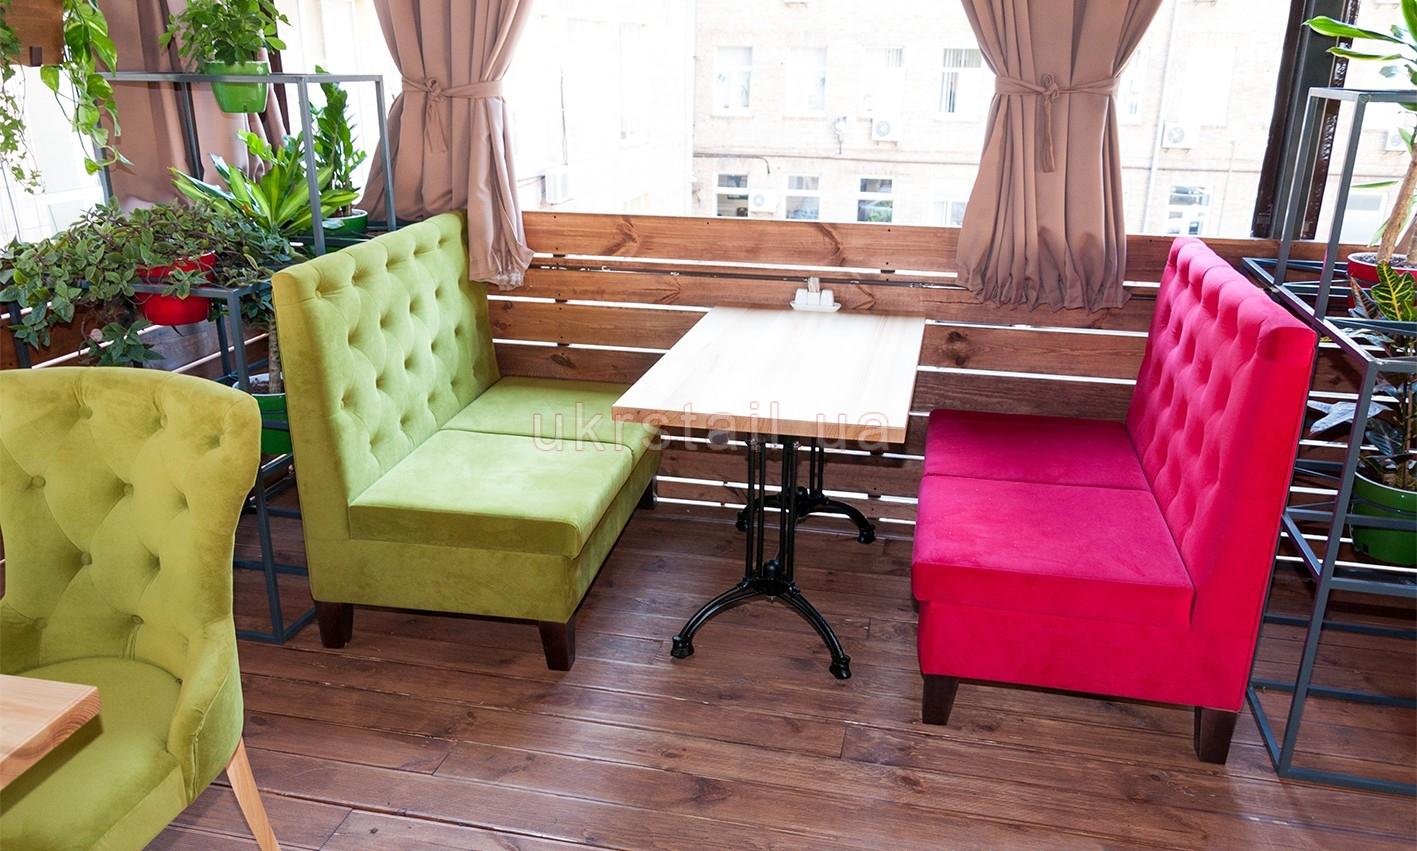 Диваны и стол ресторана Suluguni в Музейном переулке 06